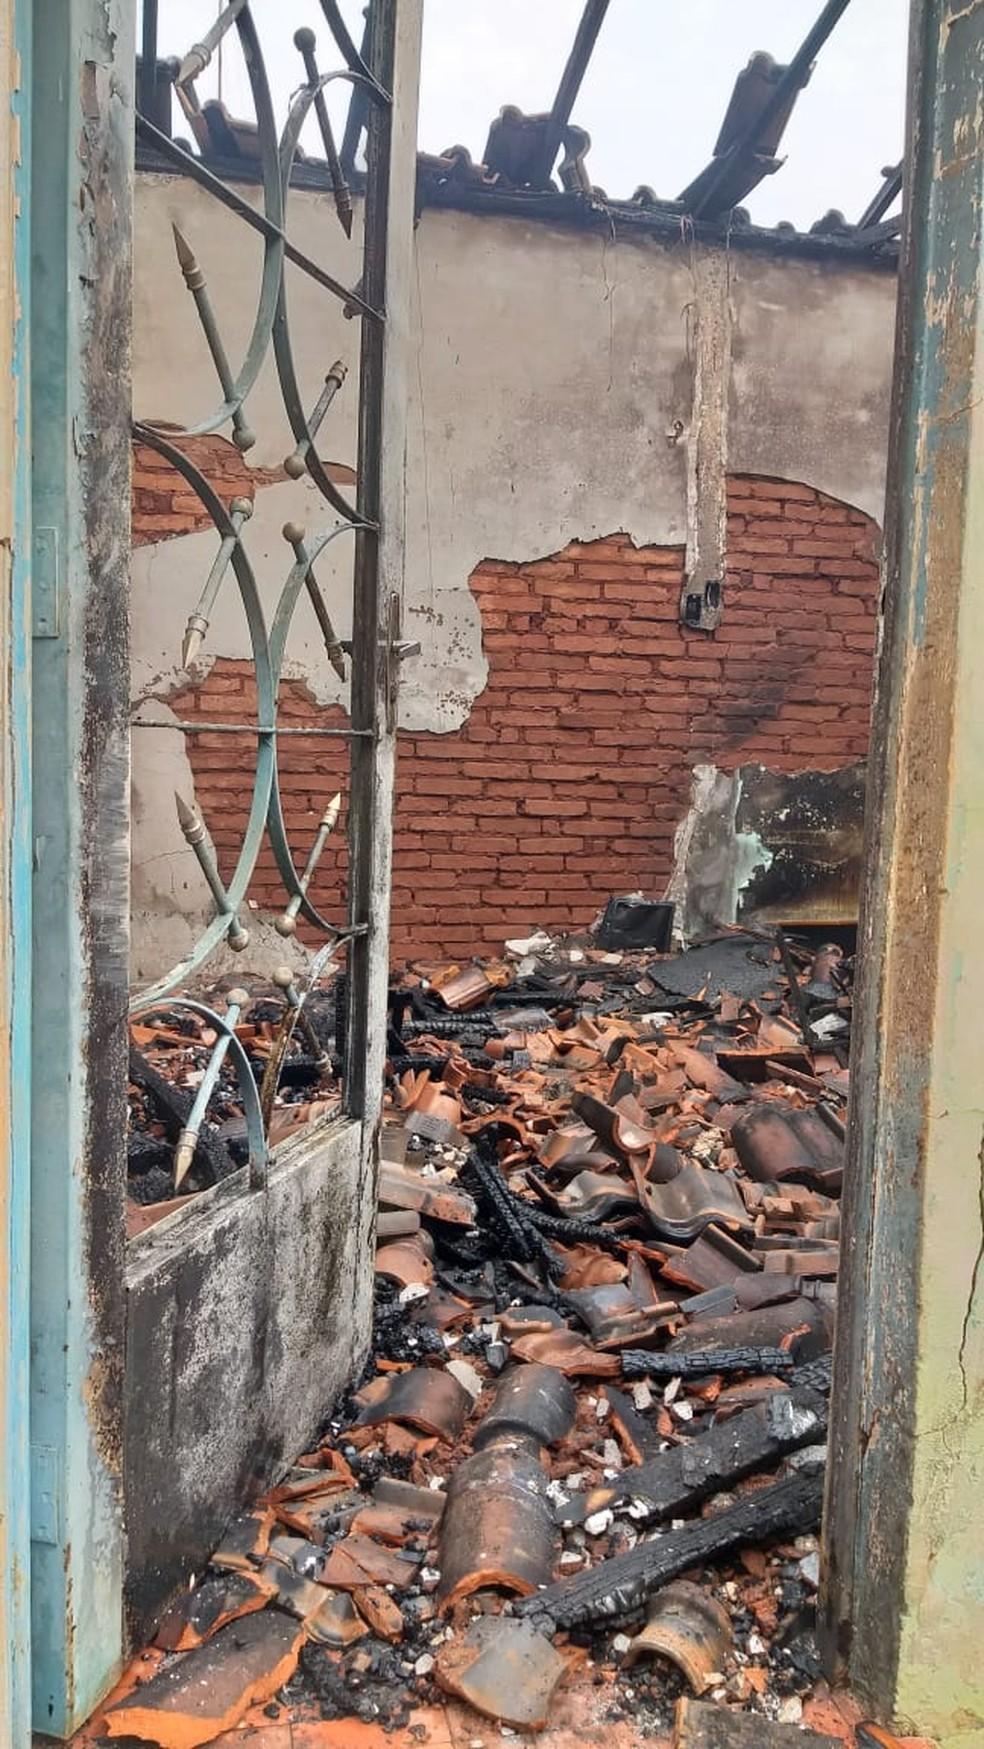 Casa ficou destruída após incêndio em Araraquara — Foto: A CidadeON/Araraquara